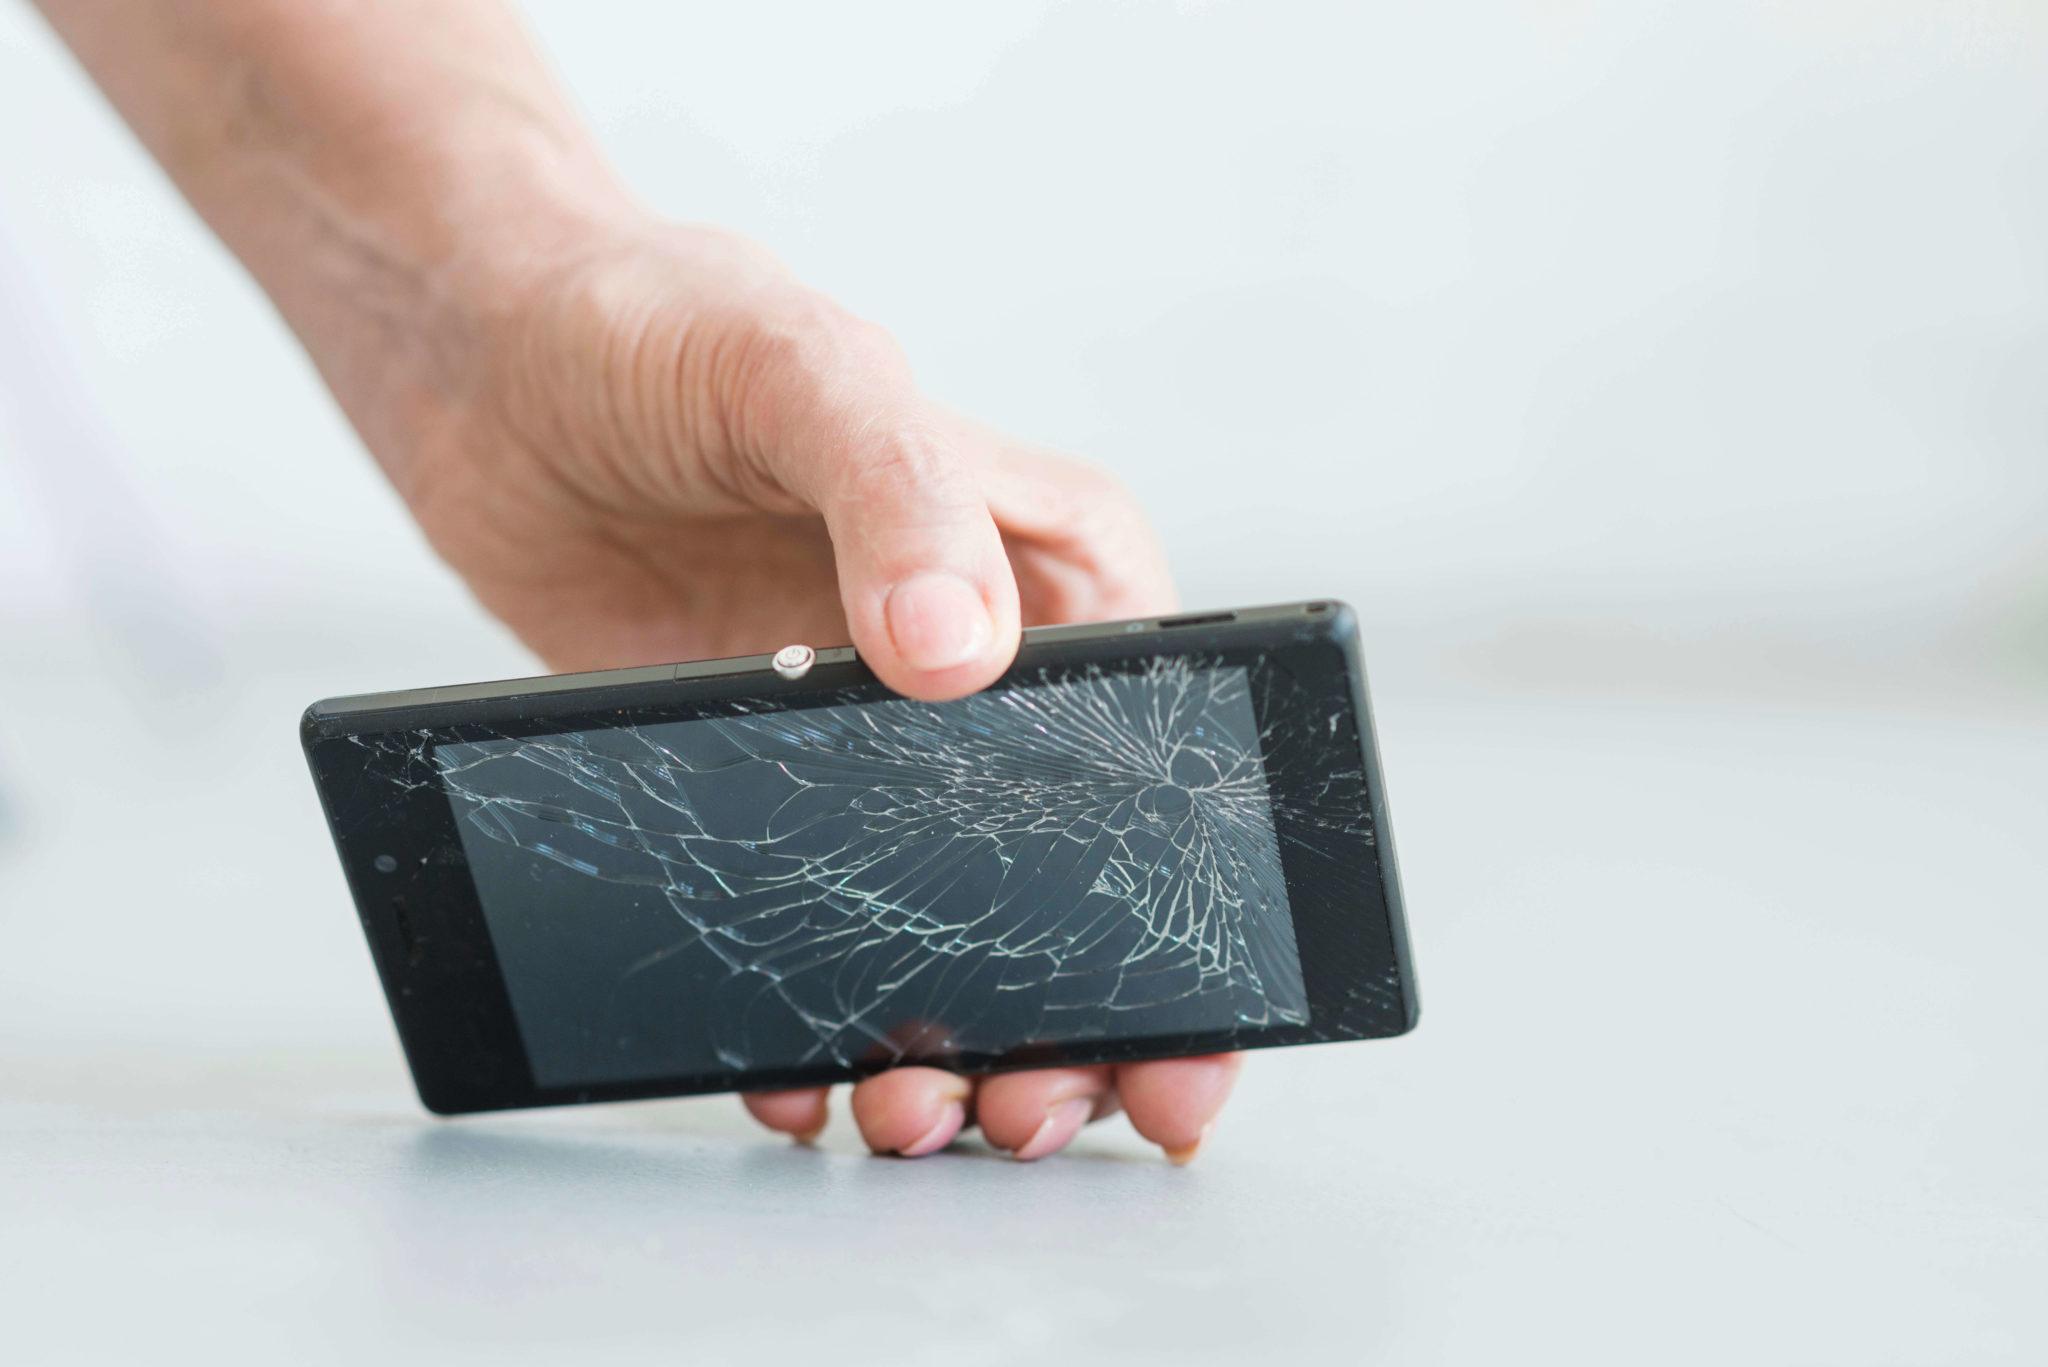 merece la pena reparar el pantalla del movil